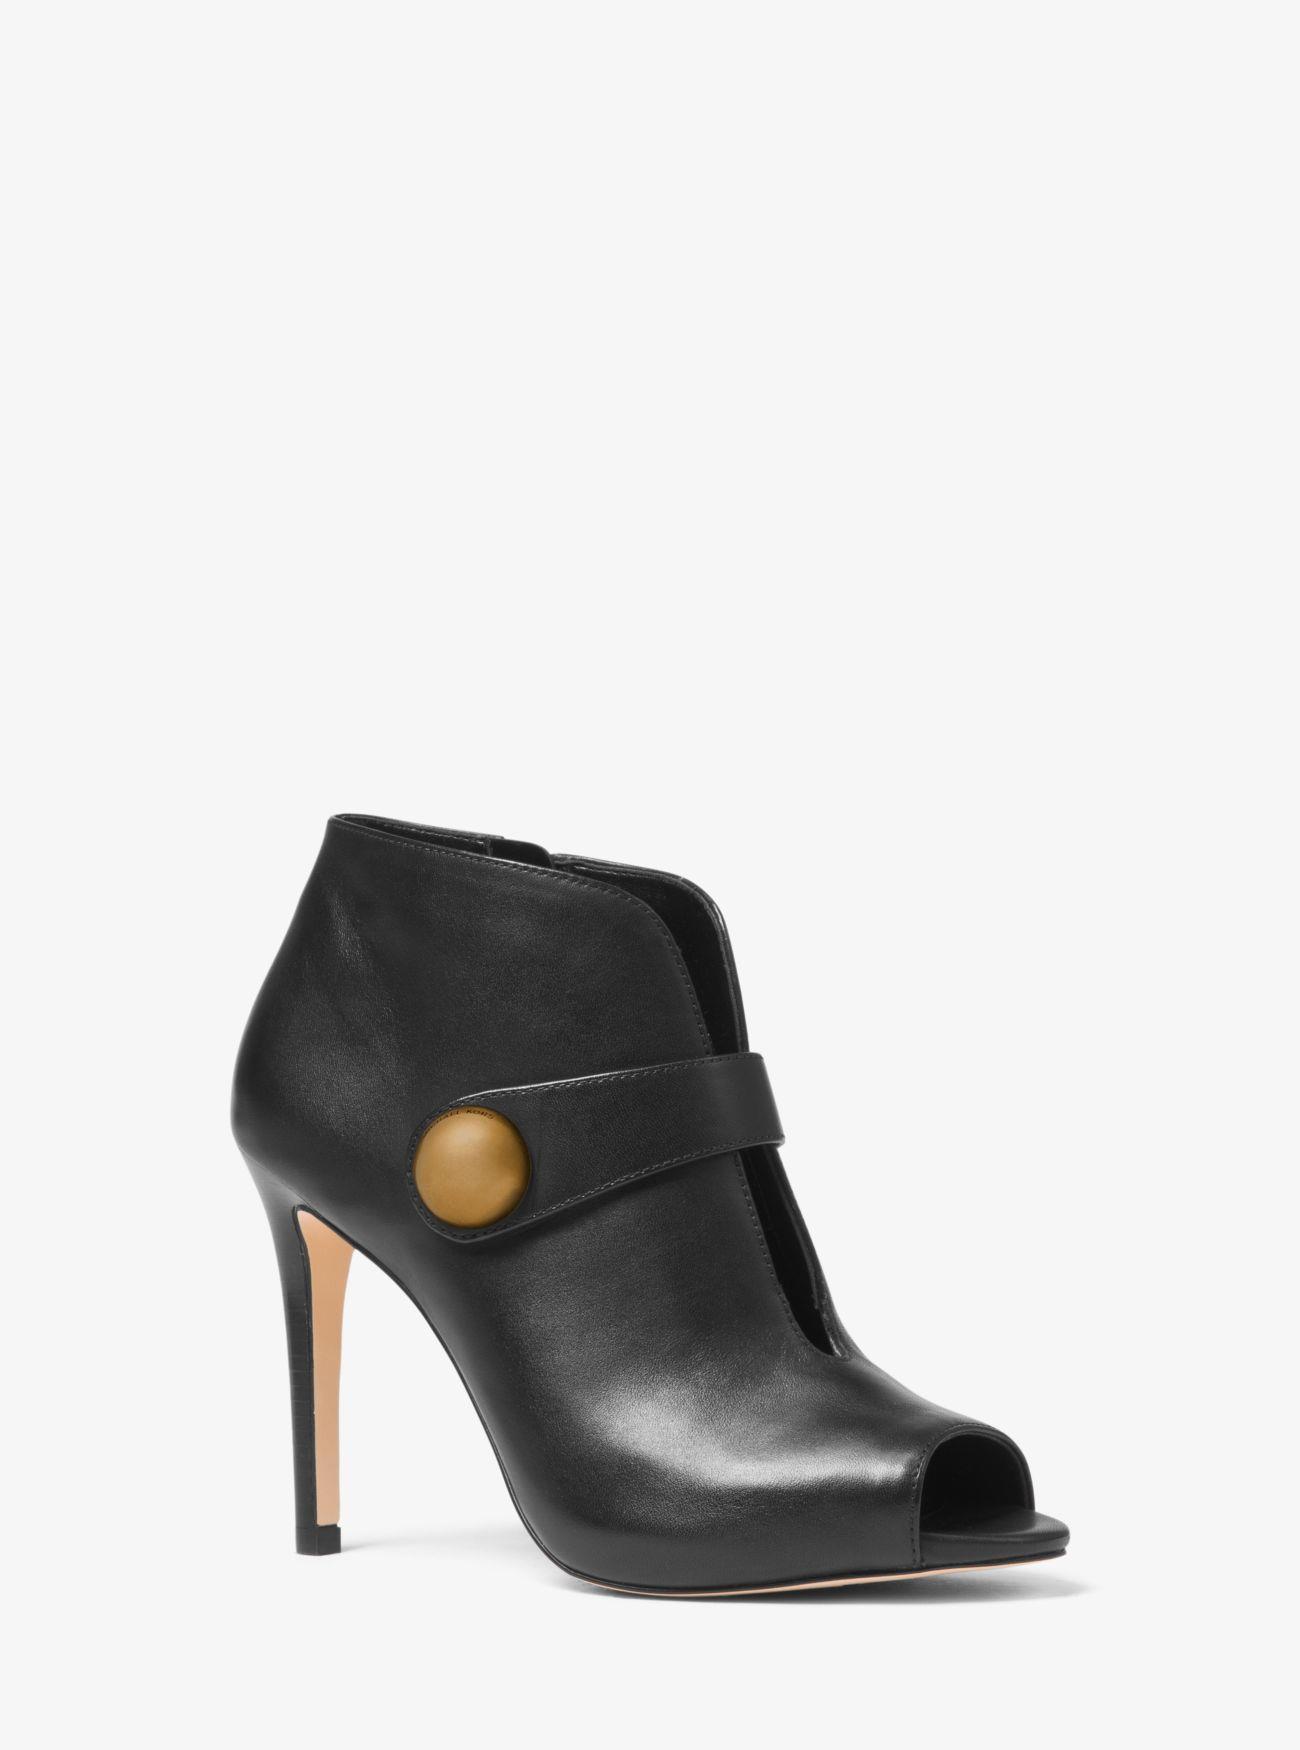 c66bbf9333 Botines de mujer 2019  así se llevan los ankle boots